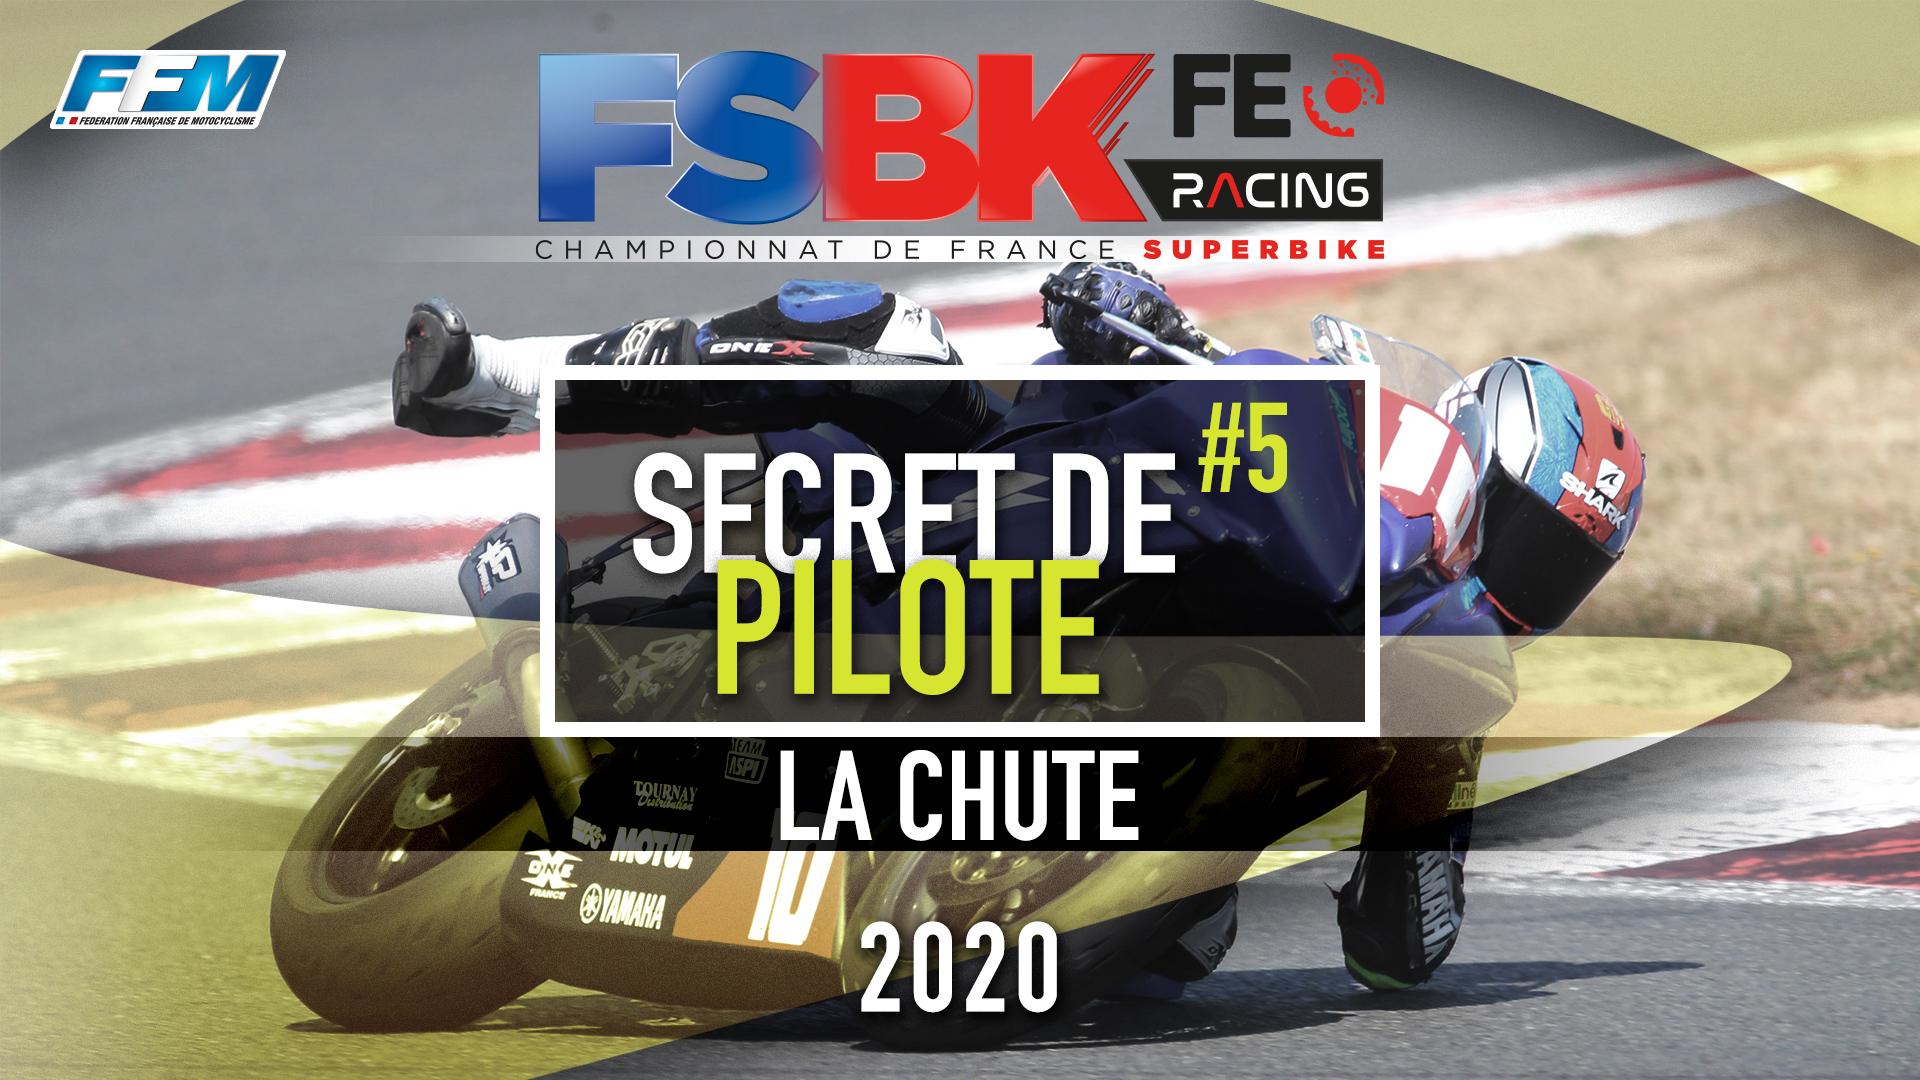 // SECRET DE PILOTE – LA CHUTE //